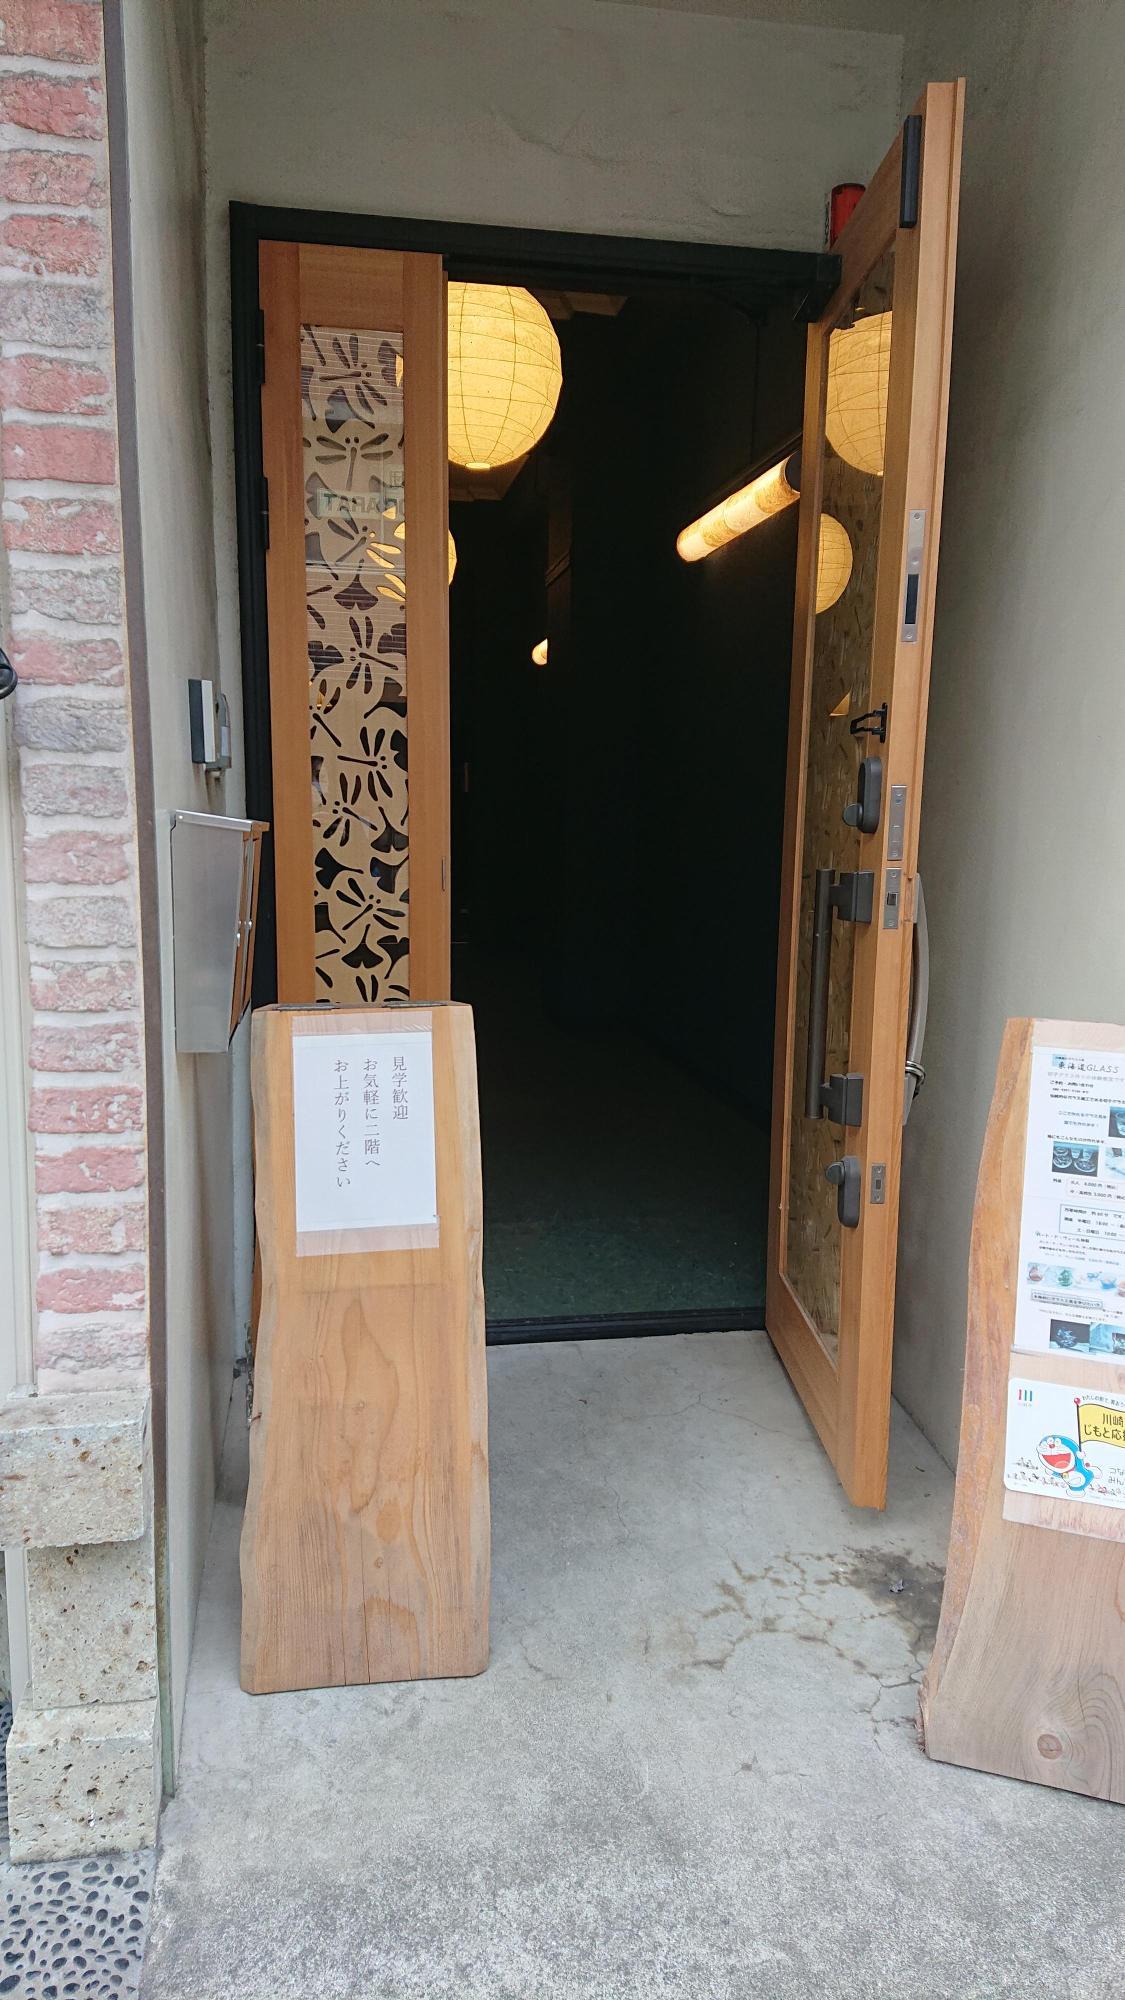 川崎稲毛神社の神木「イチョウ」と勝ち虫と呼ばれ縁起の良い「トンボ」をあしらった扉を入っていきます